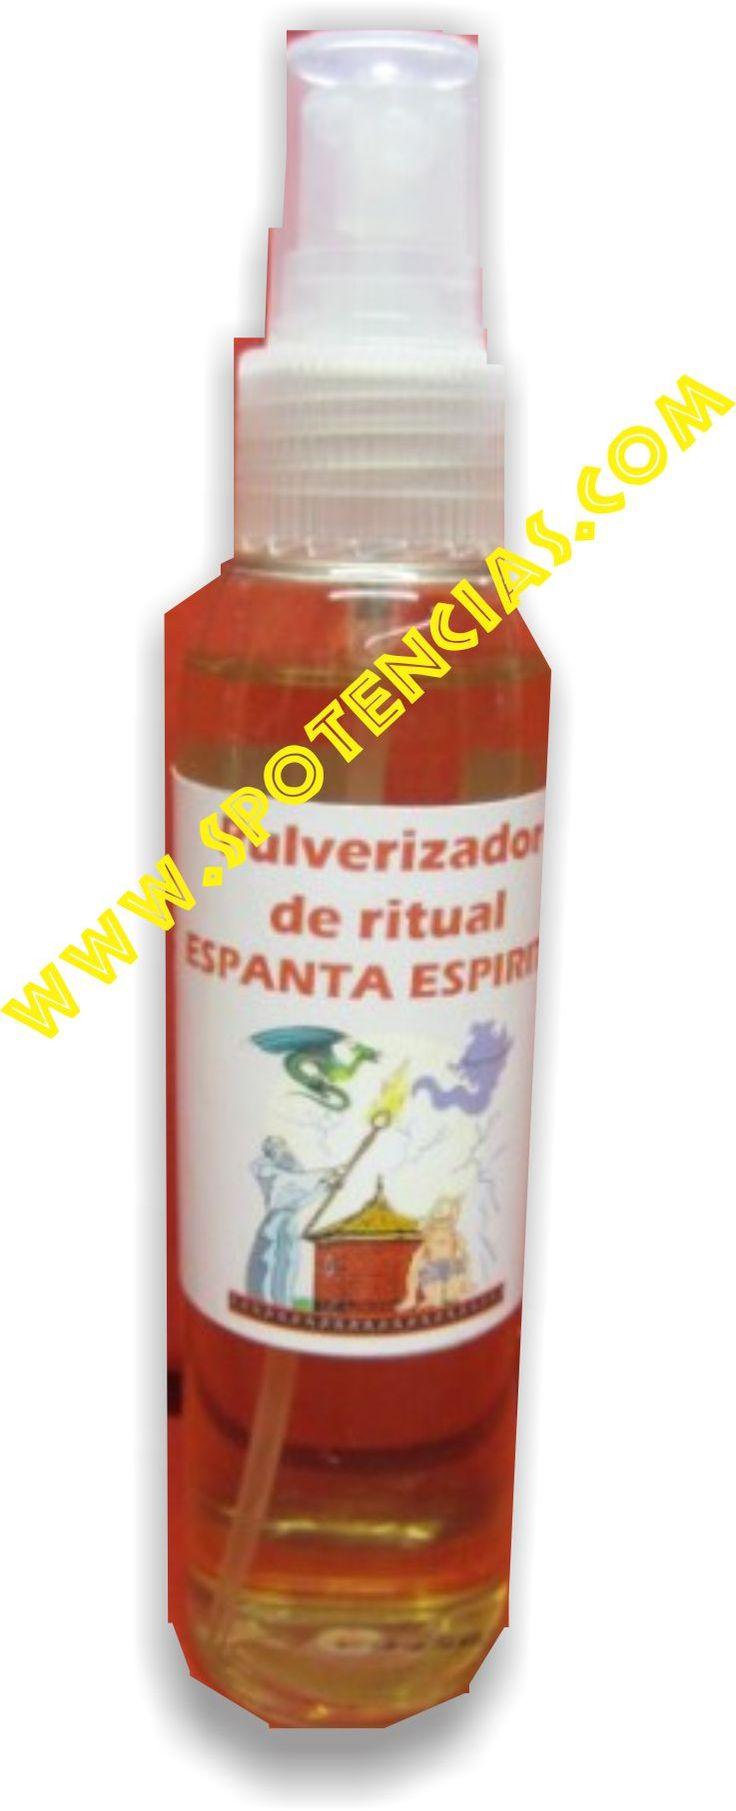 pulverizador para quitar energias negativas   www.spotencias.com